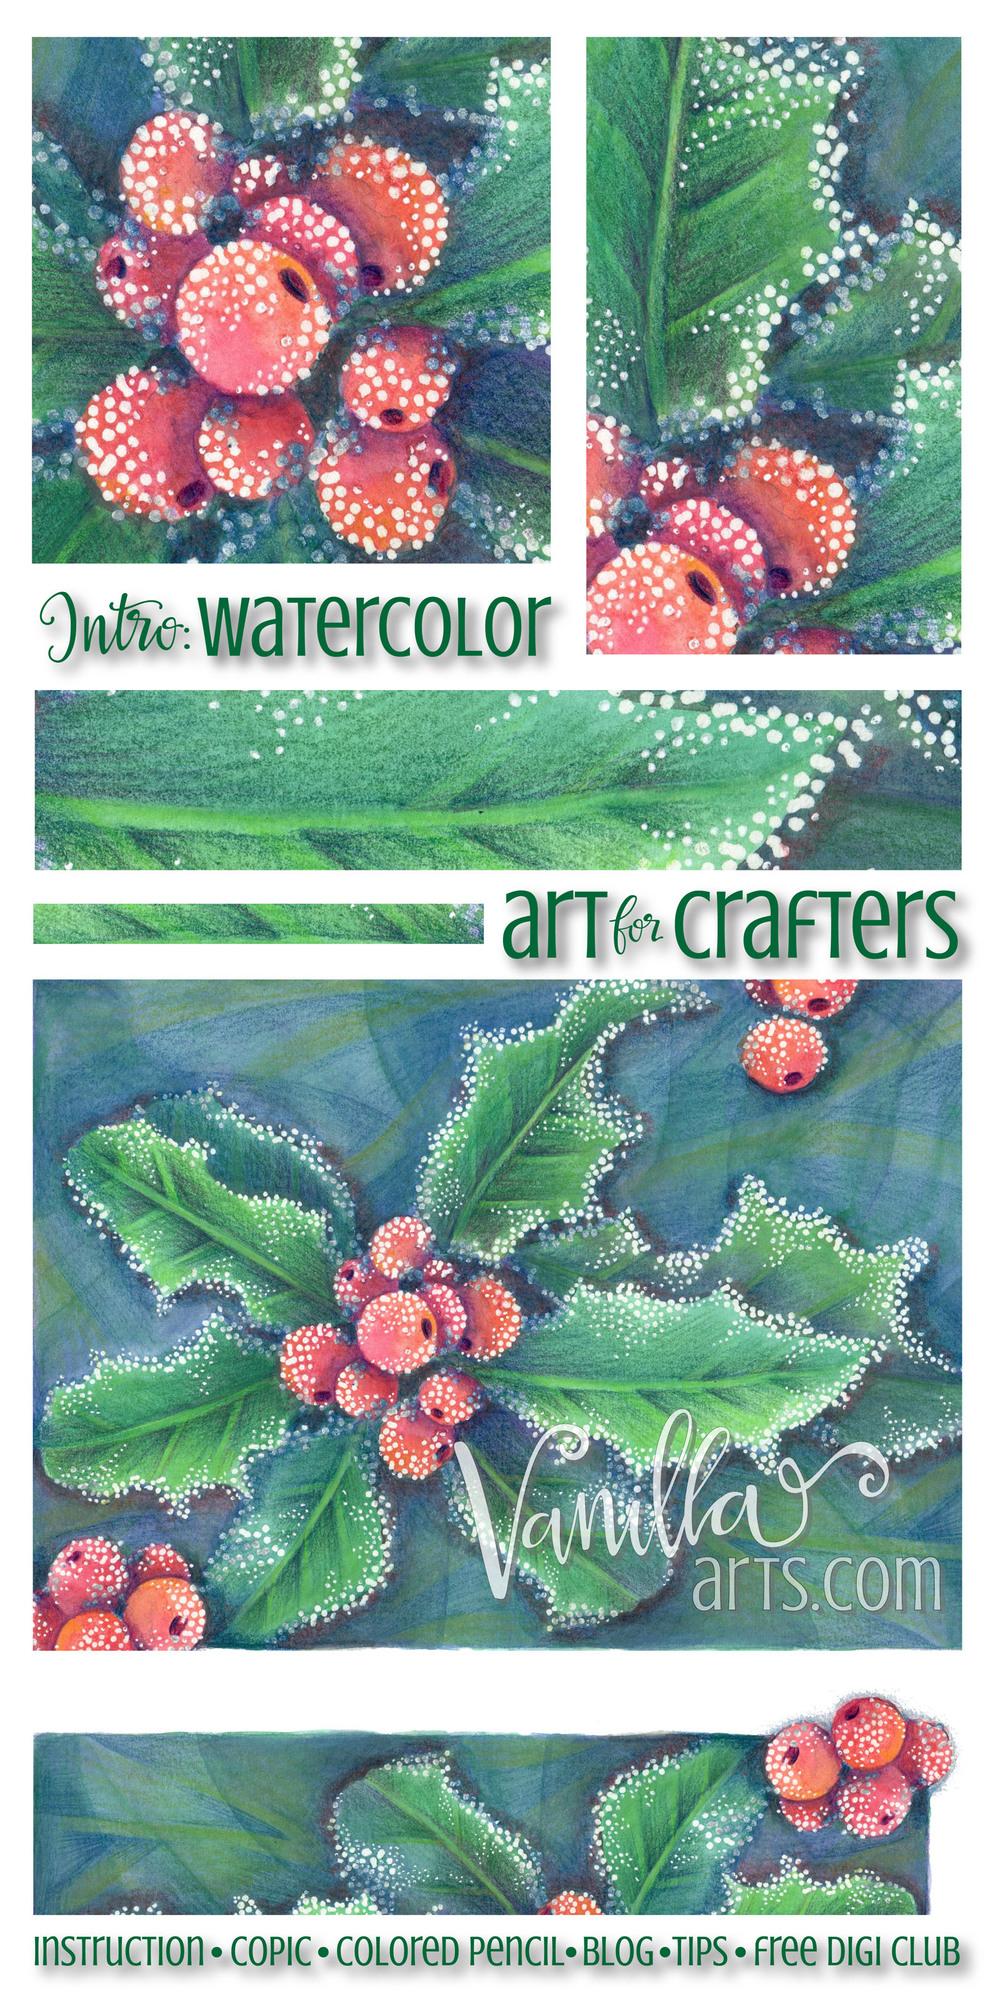 Intro to watercolor lesson using watercolor pencils | VanillaArts.com